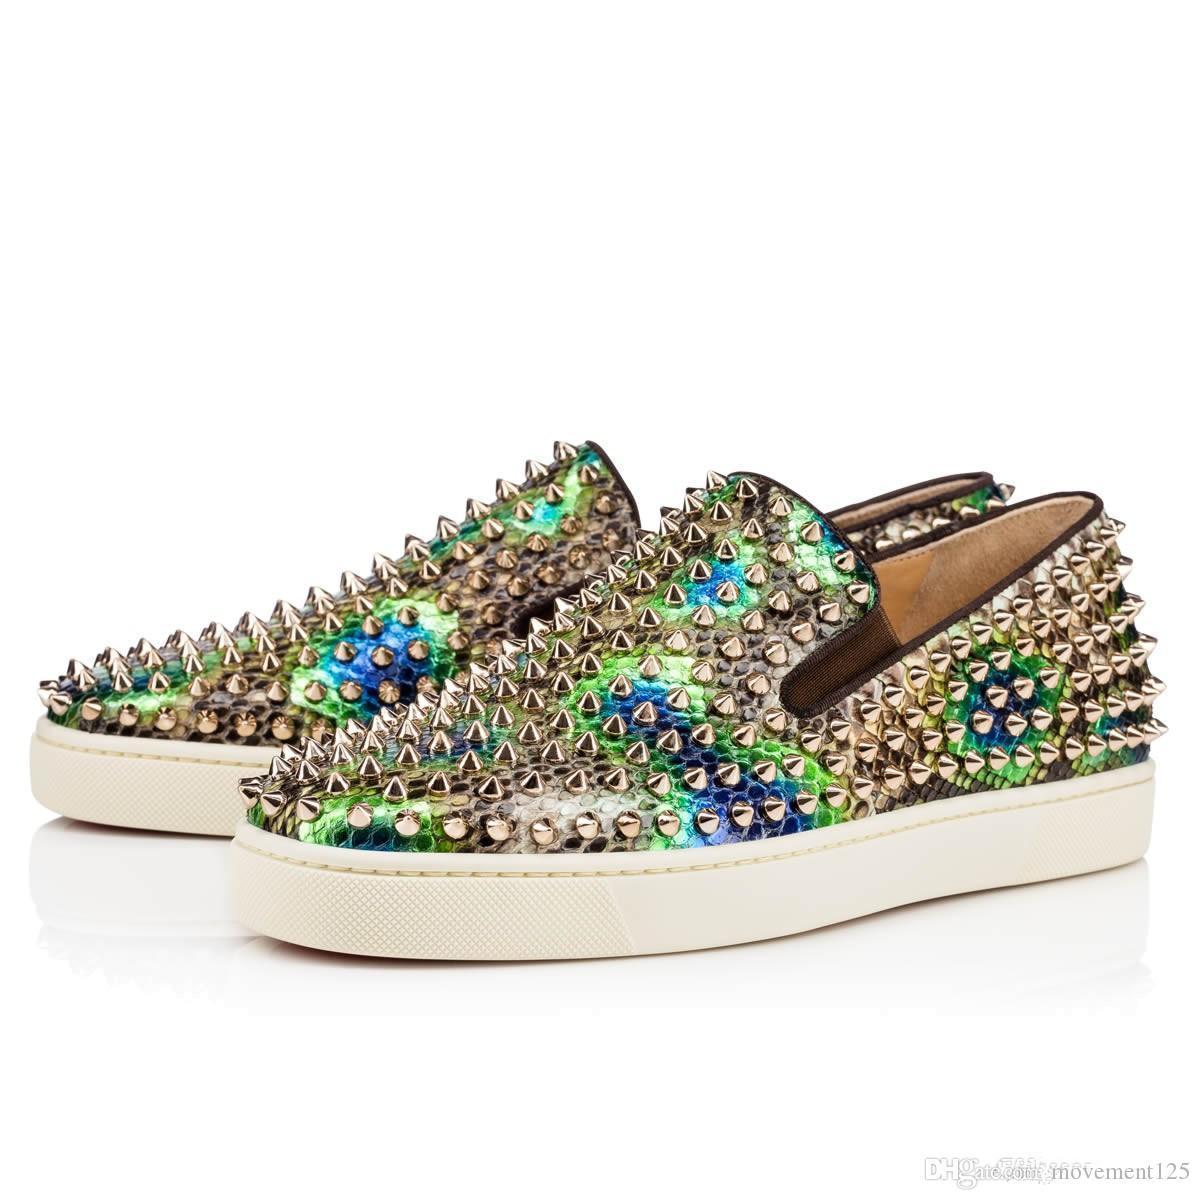 Lüks Kırmızı Alt loafer'lar Ayakkabı Kadınlar, Erkekler Merdane Tekne Gerçek Deri Dikenler On Sneakers Casual Ayakkabı, Düğün Flats Yürüyüş Ayakkabı Kayma